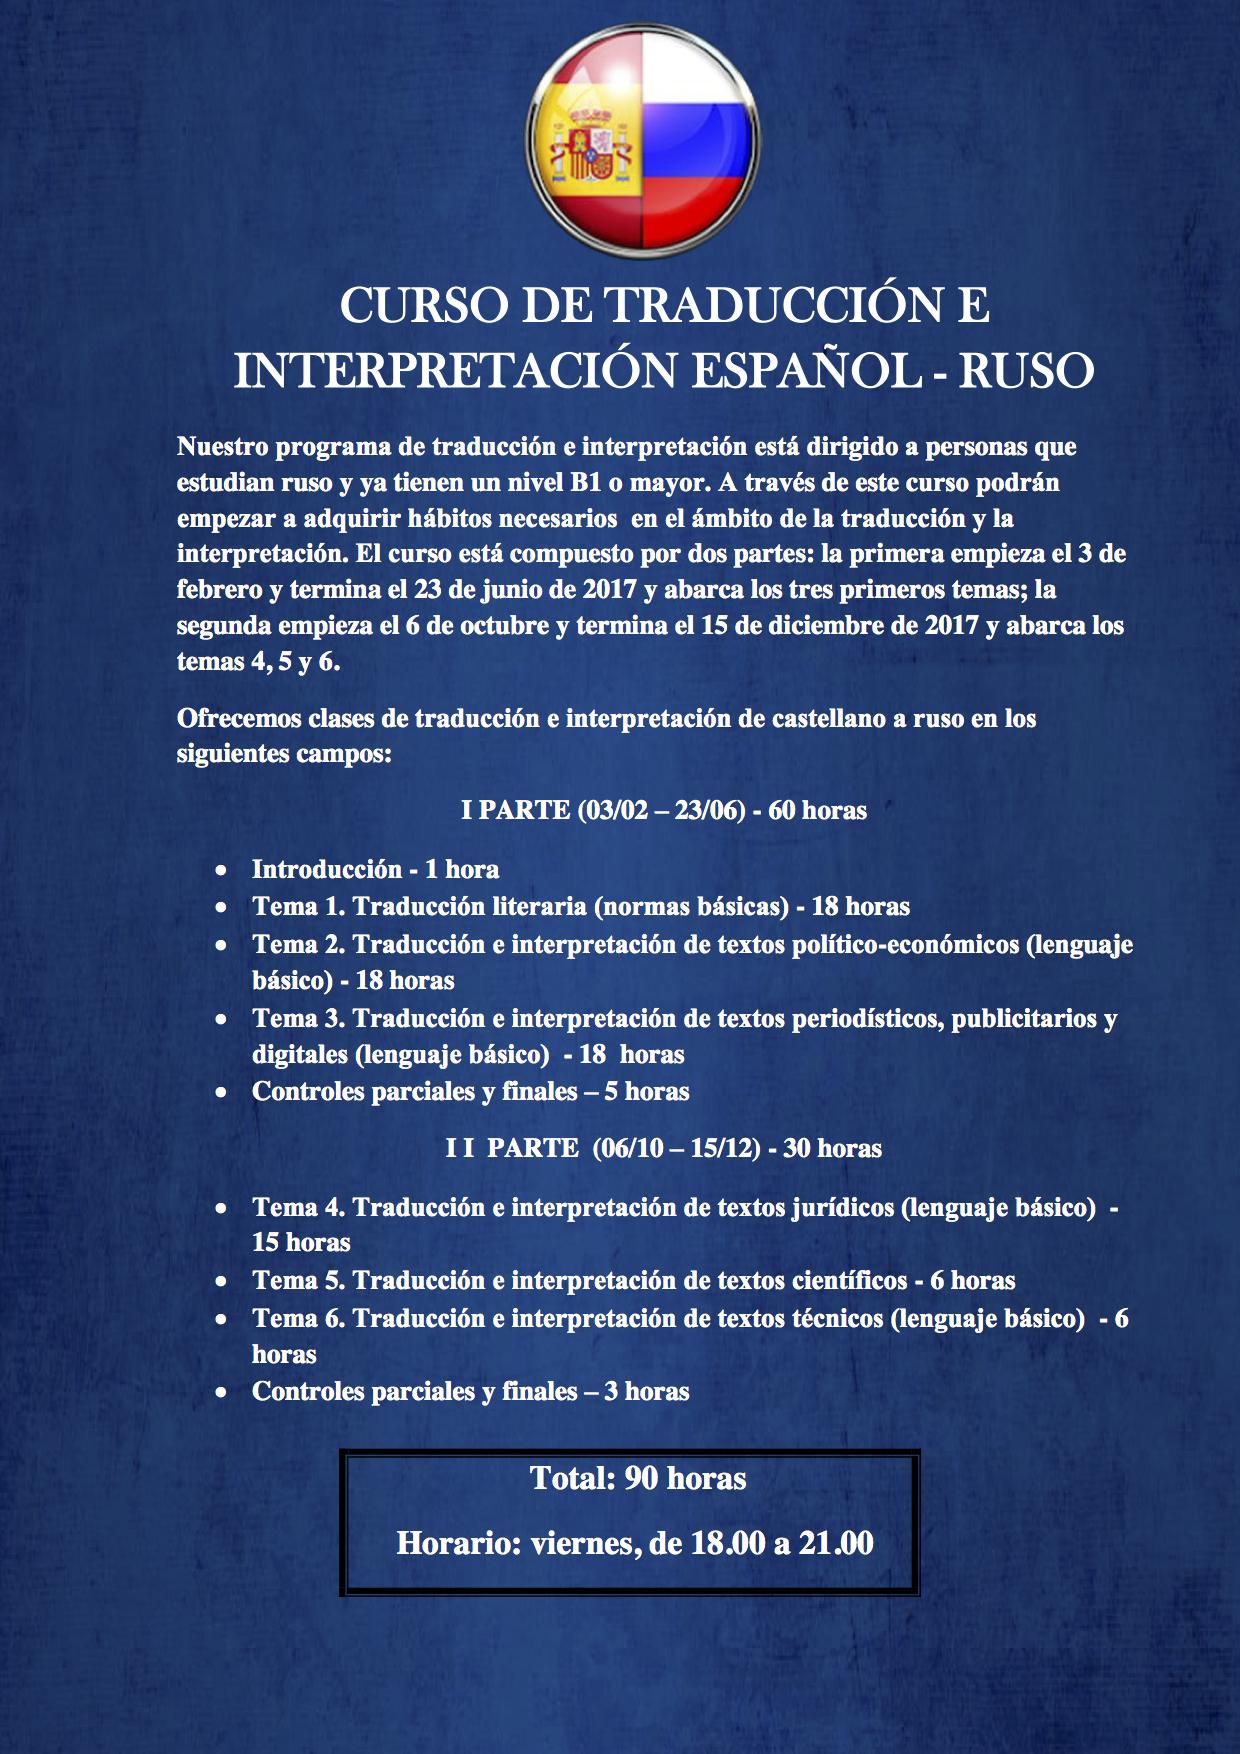 CURSO DE TRADUCCIÓN E INTERPRETACIÓN ESPAÑOL